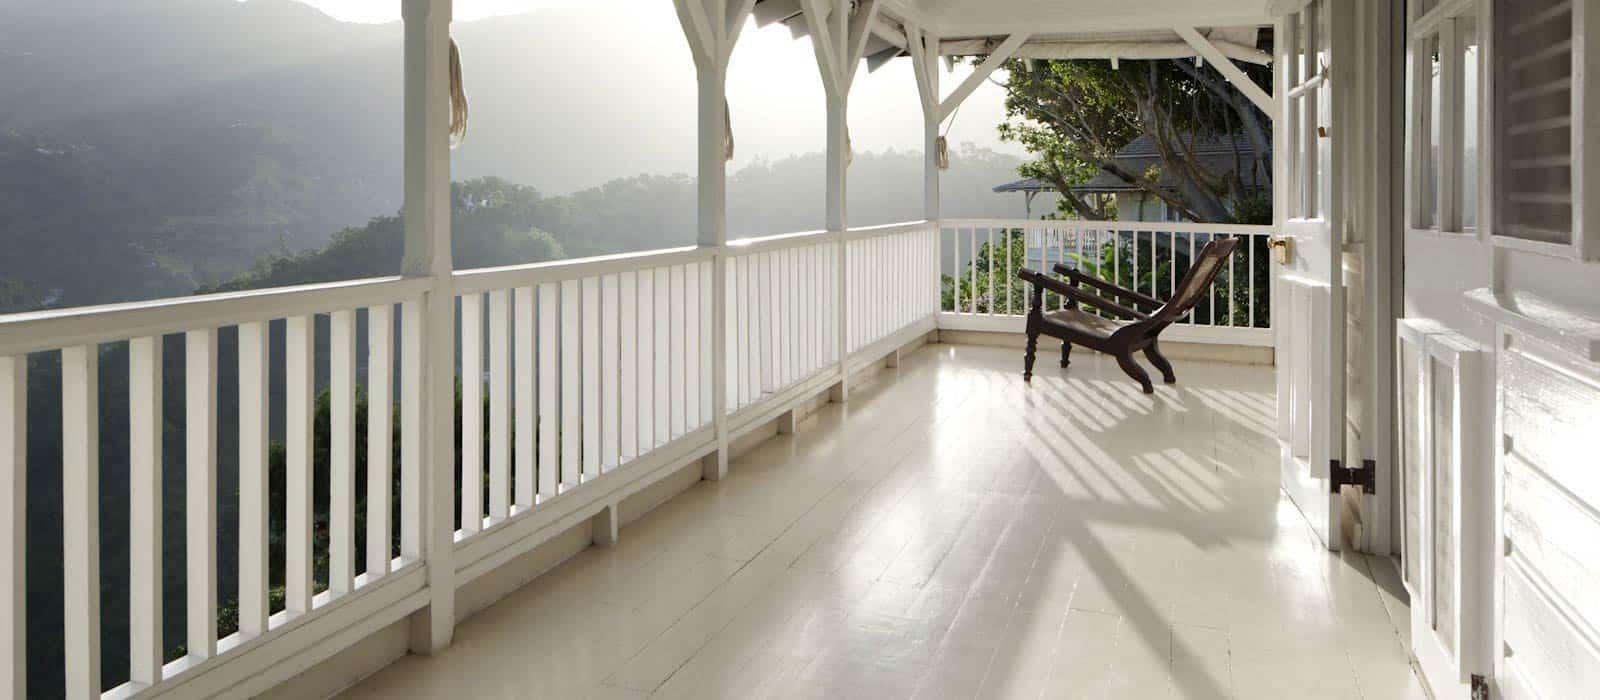 jamaica-strawberry-hill-porch